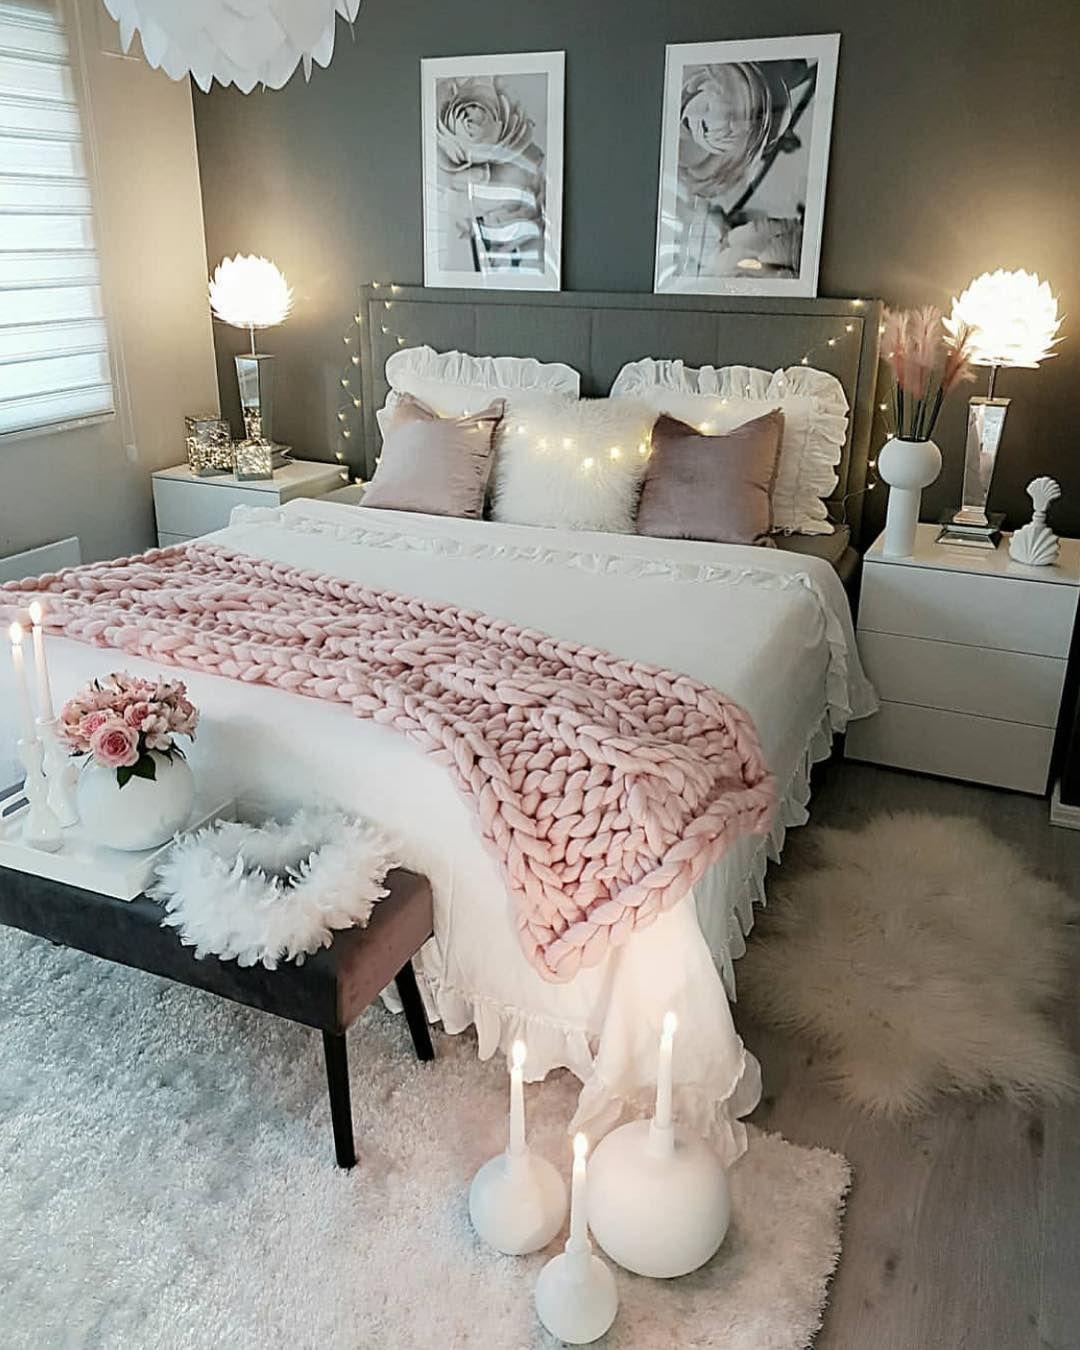 decor room inspiration #bedroomgoals